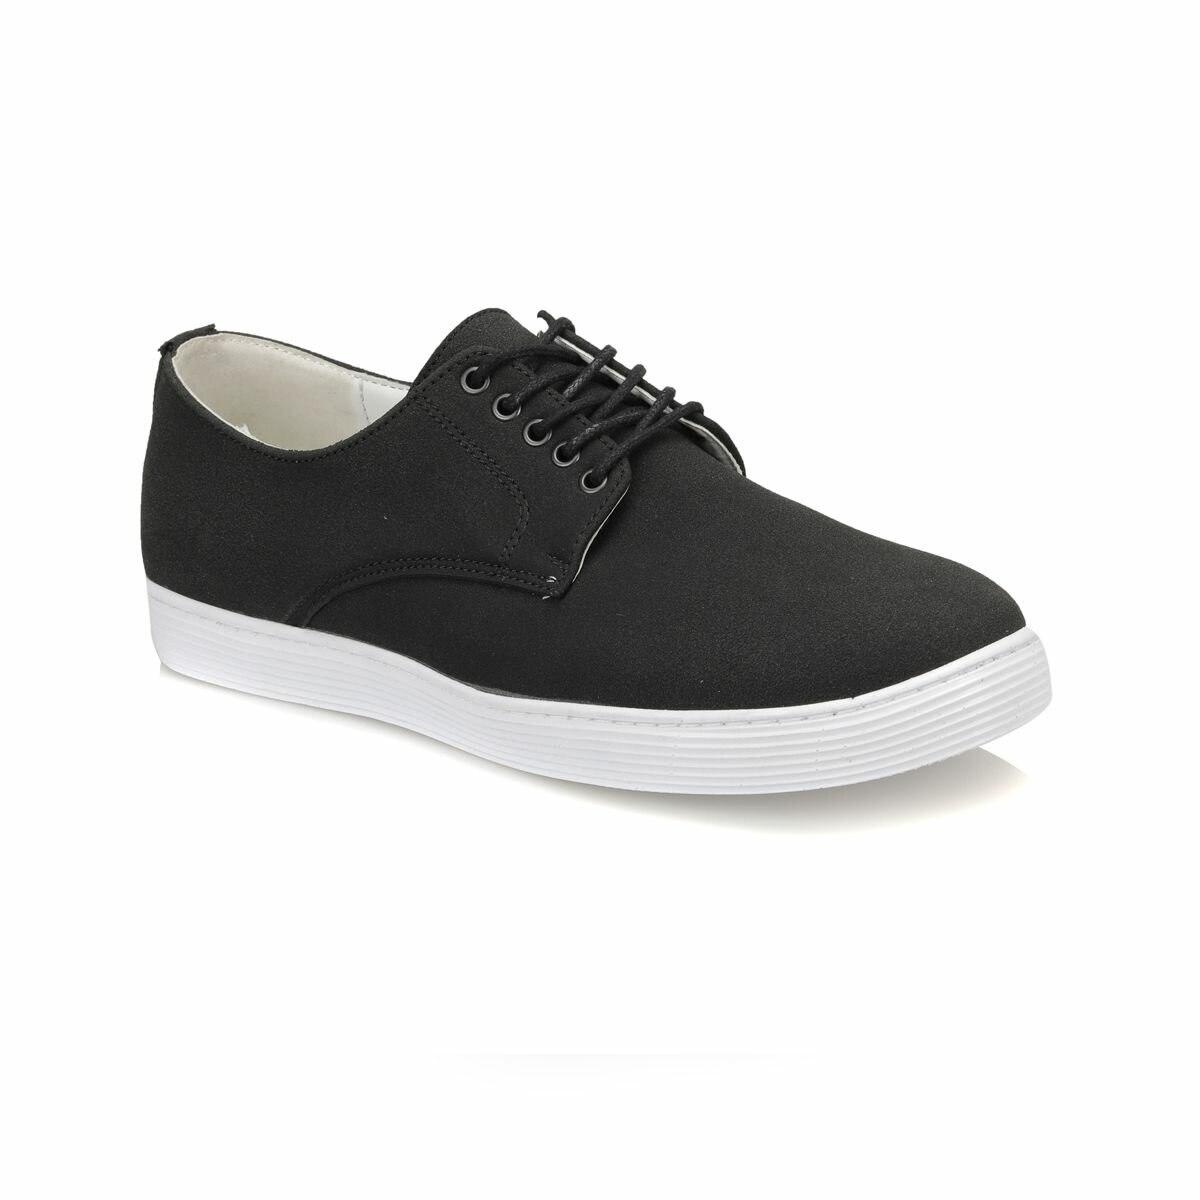 FLO 029-2 Black Male Shoes Panama Club